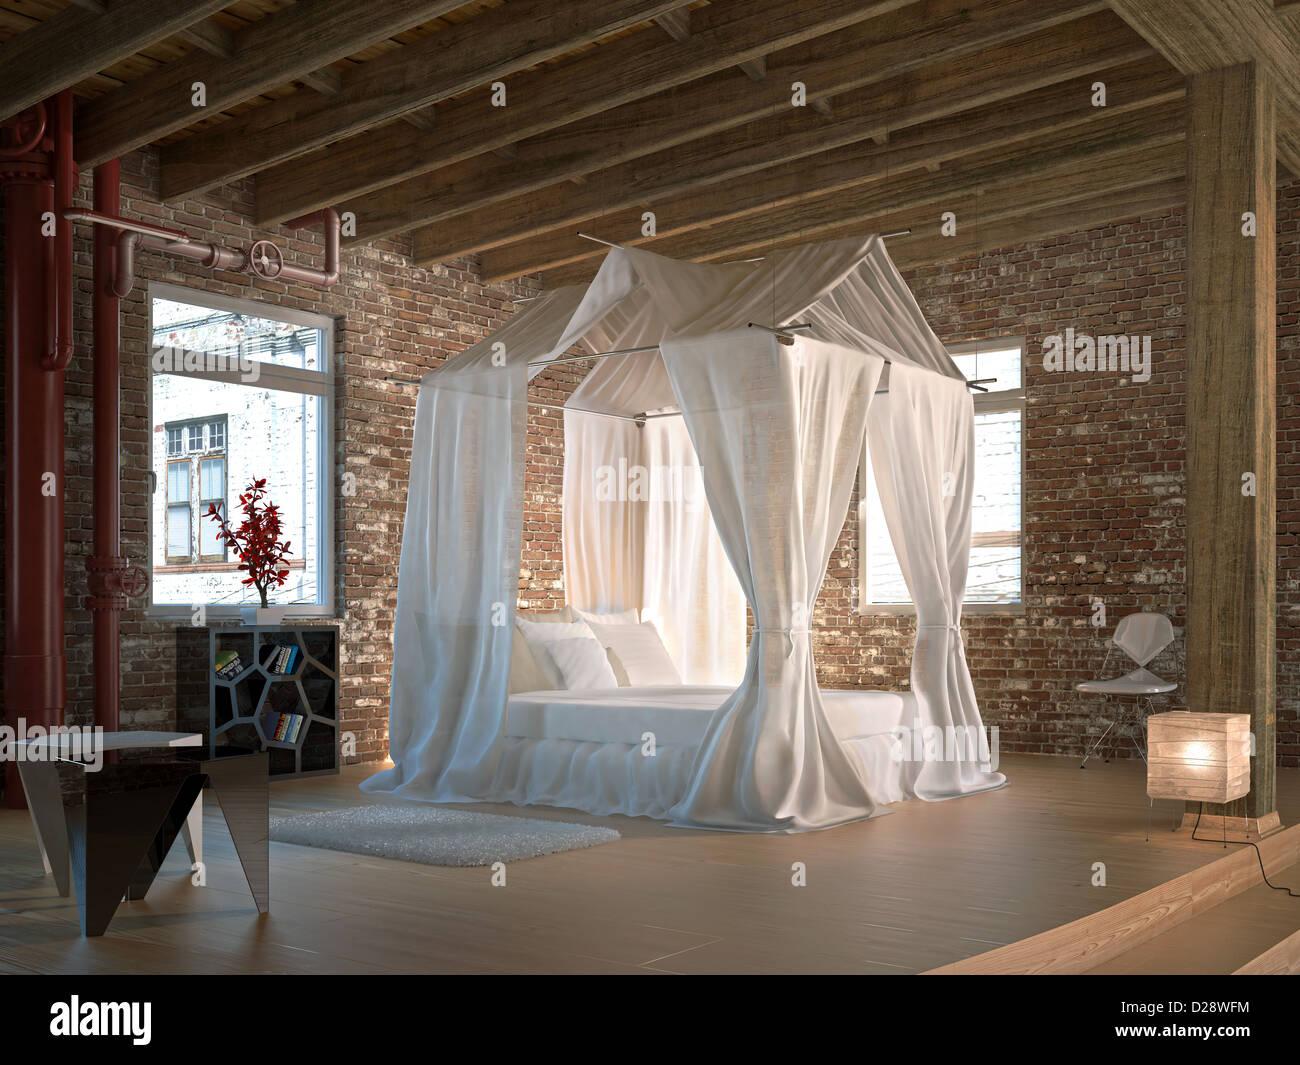 Fußboden Aus Alten Ziegeln ~ Luxus loft schlafzimmer mit himmelbett. holzboden und decke und